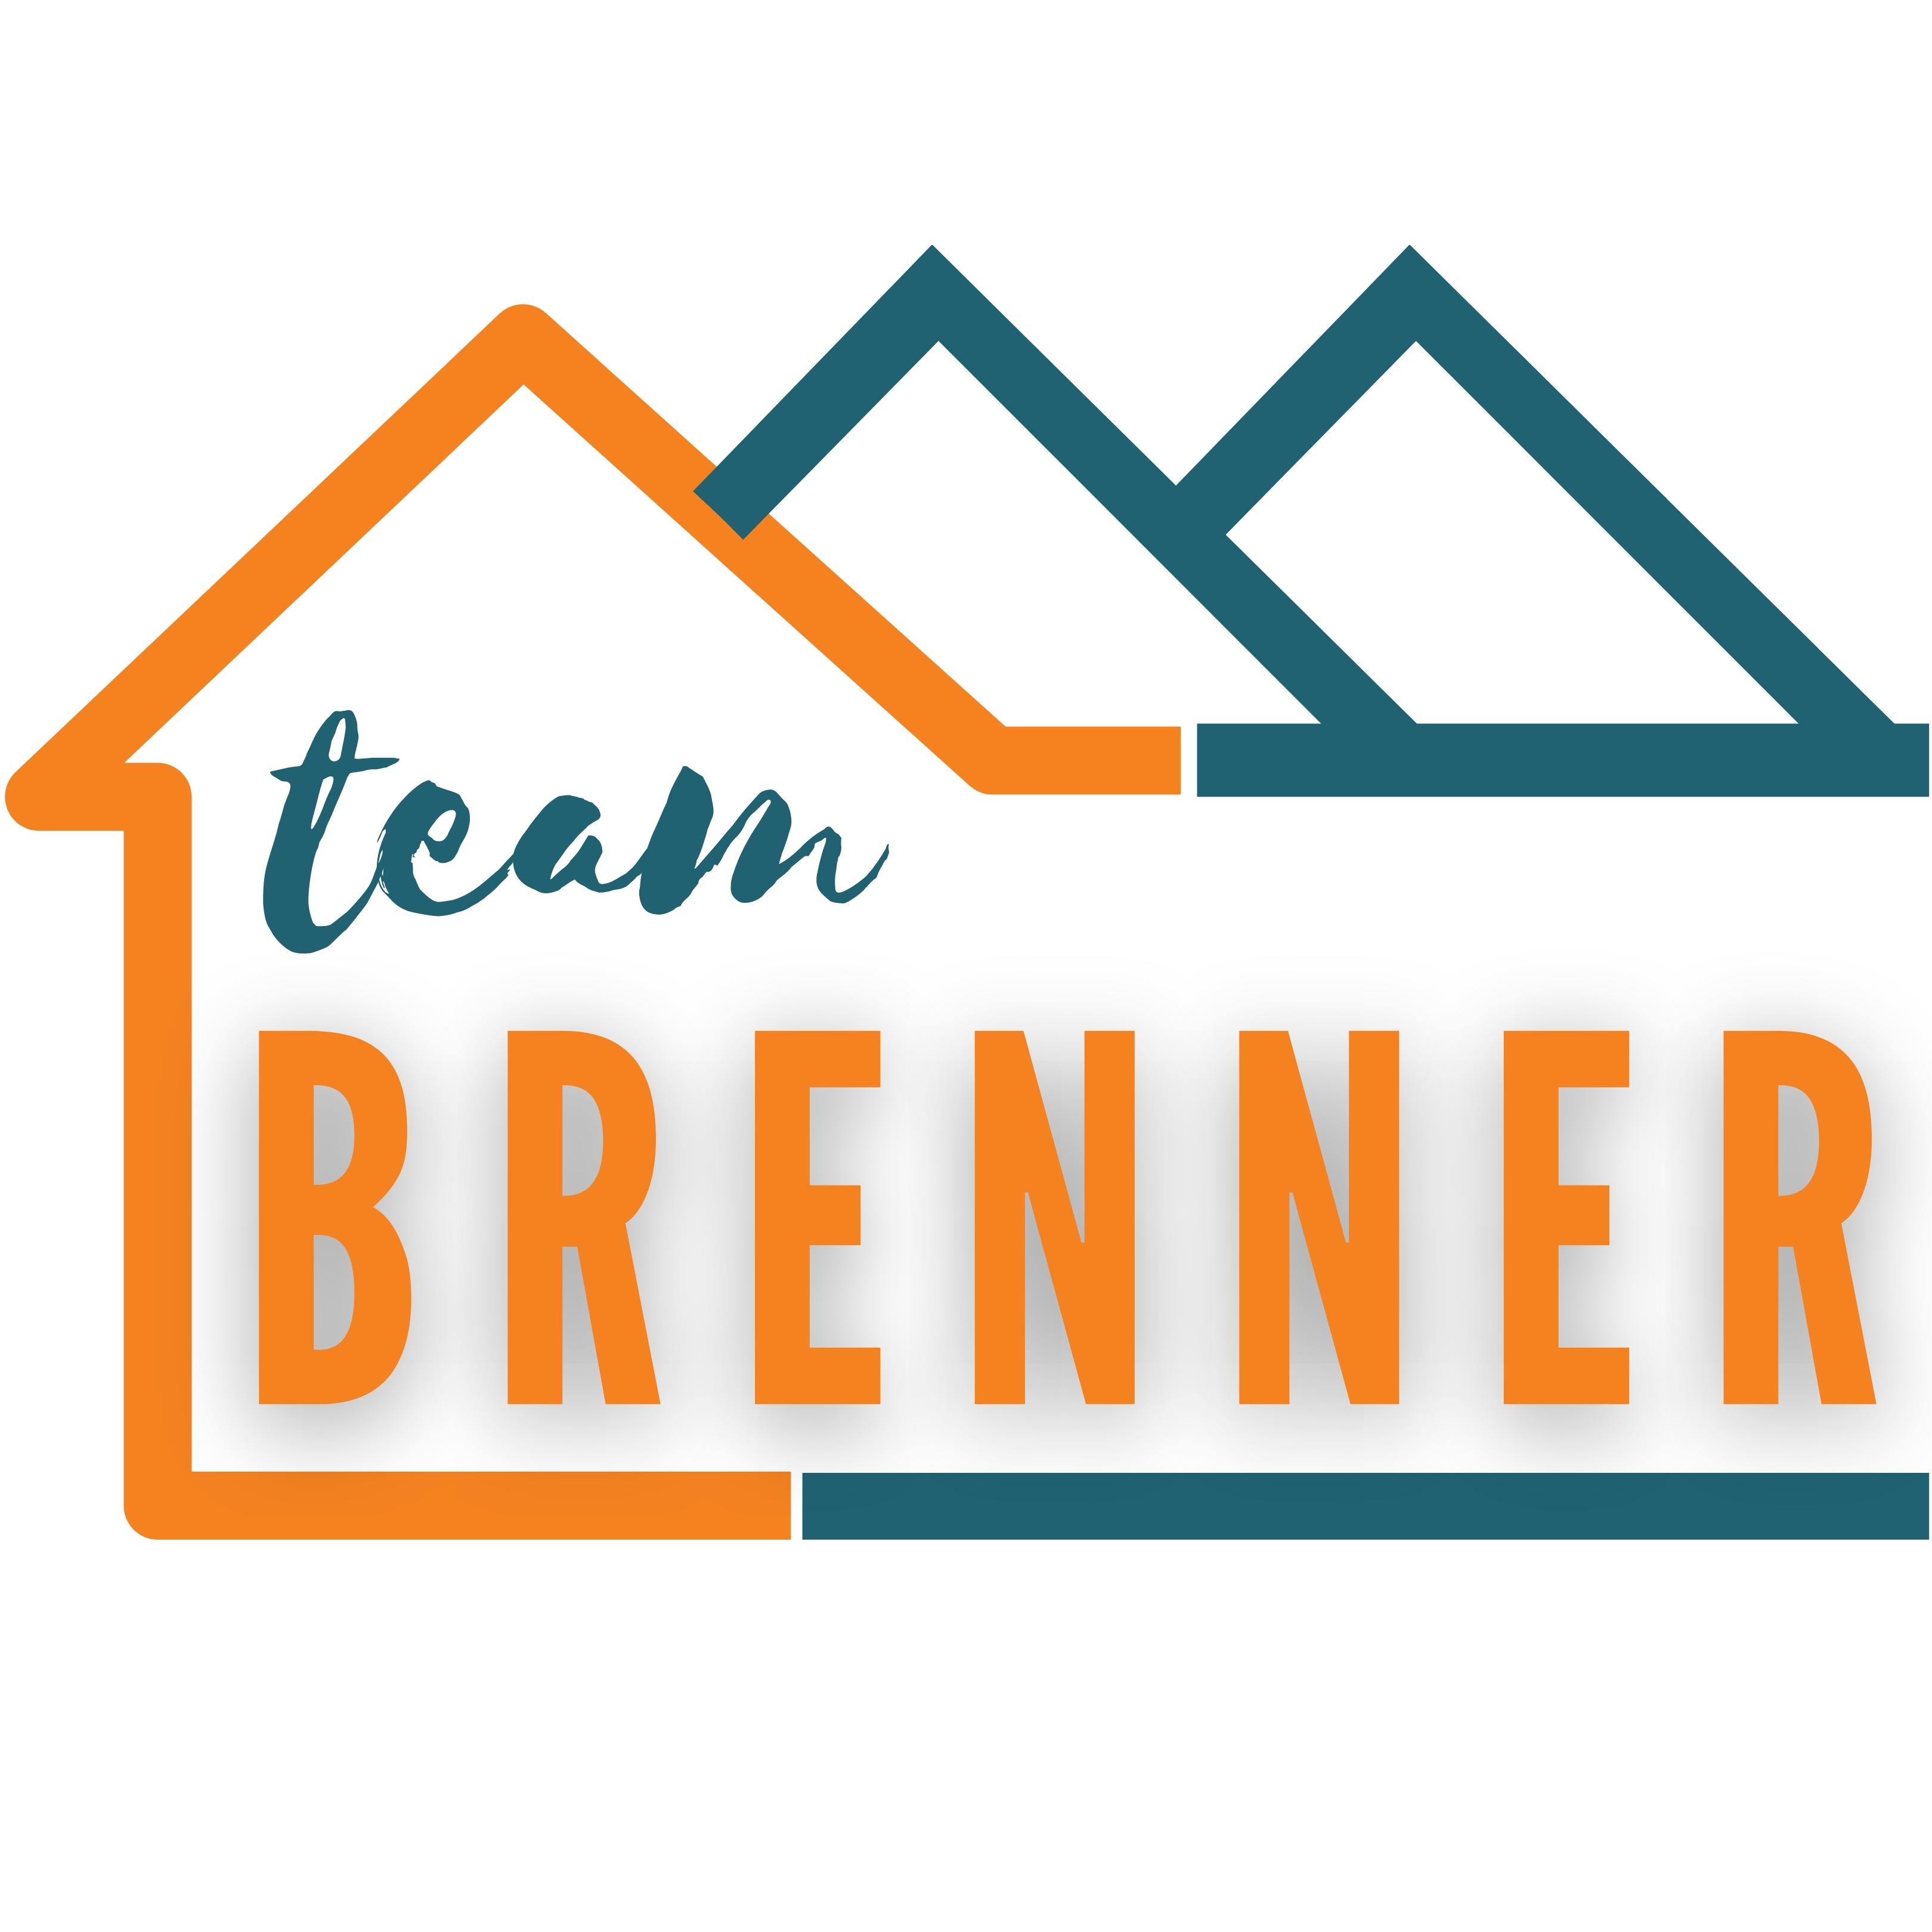 Team Brenner logo